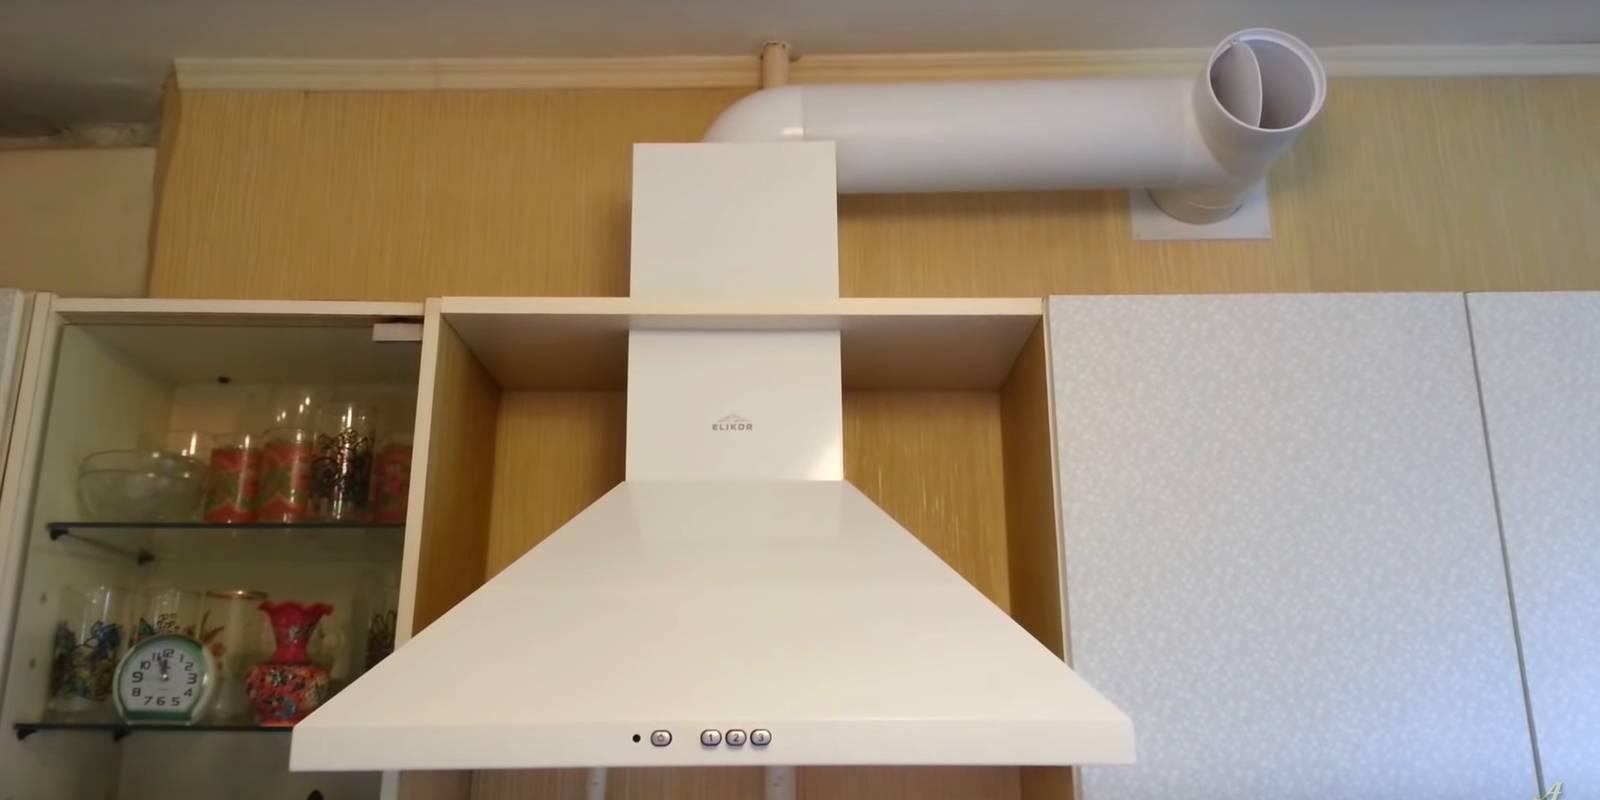 Вентиляция на кухне с вытяжкой: выбор, монтаж, особенности